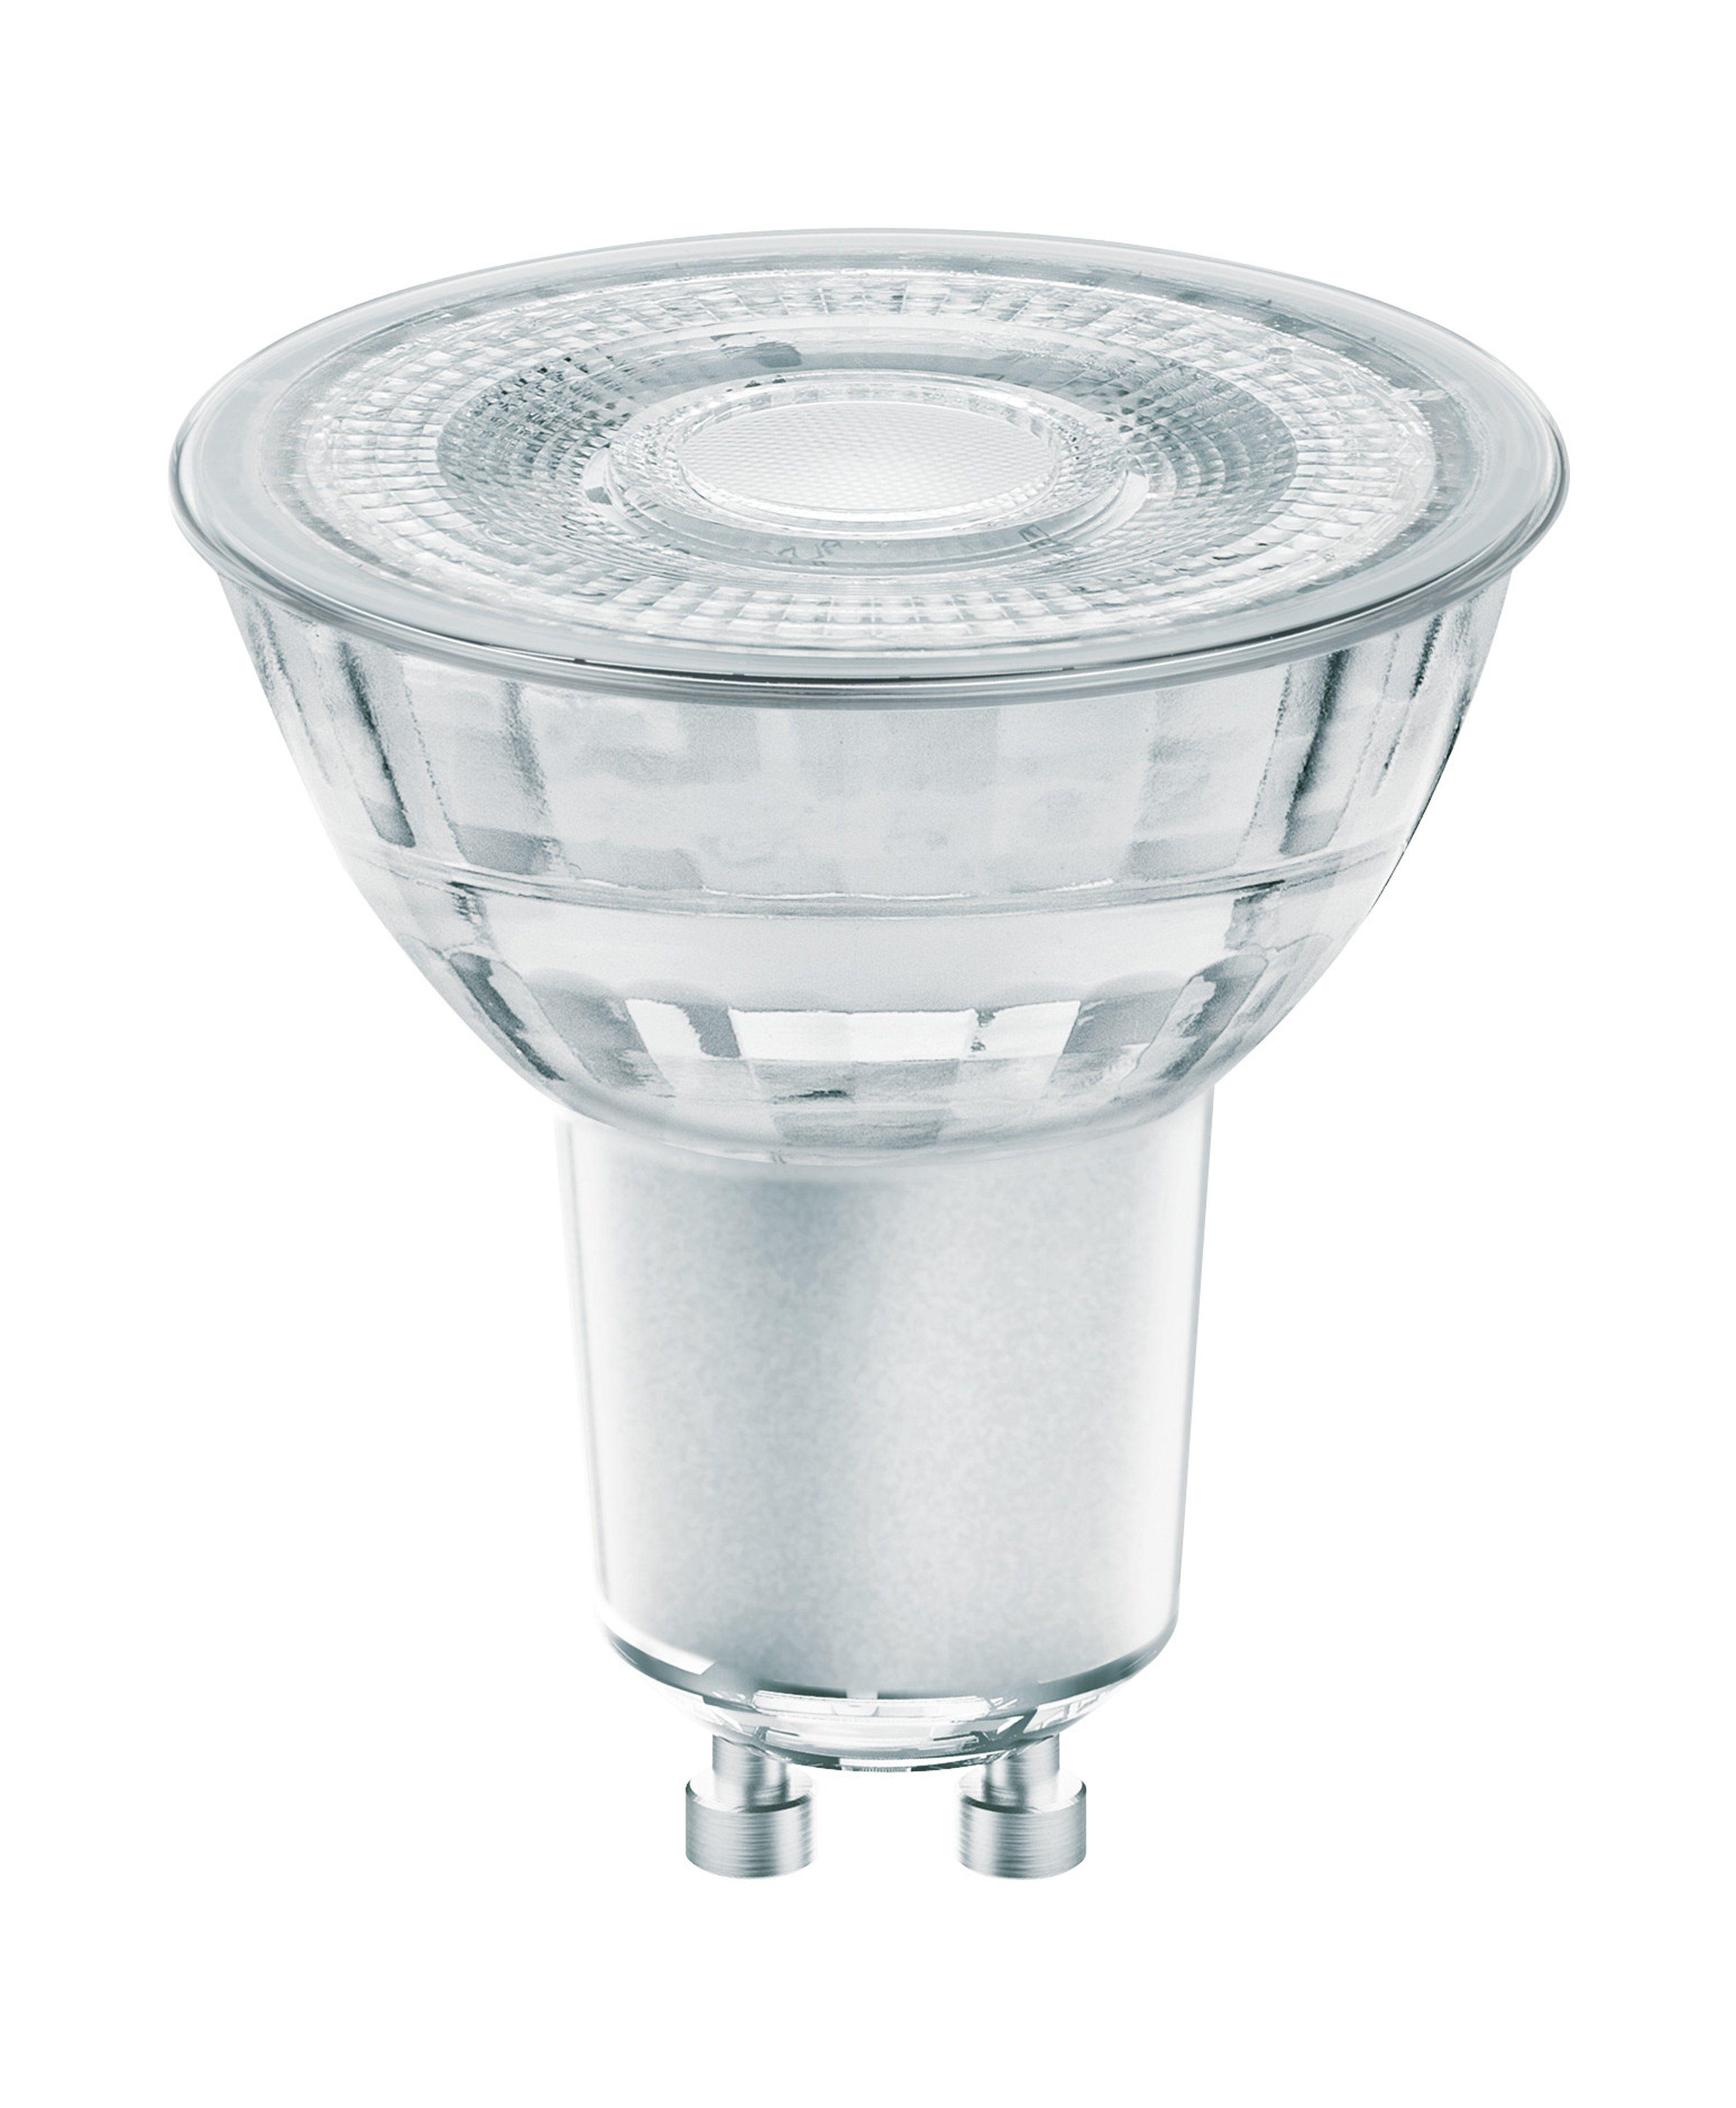 Osram LED RELAX and ACTIVE PAR16 LED-Lampe »RA PAR16 50 36° 5.2 W/827 GU10«